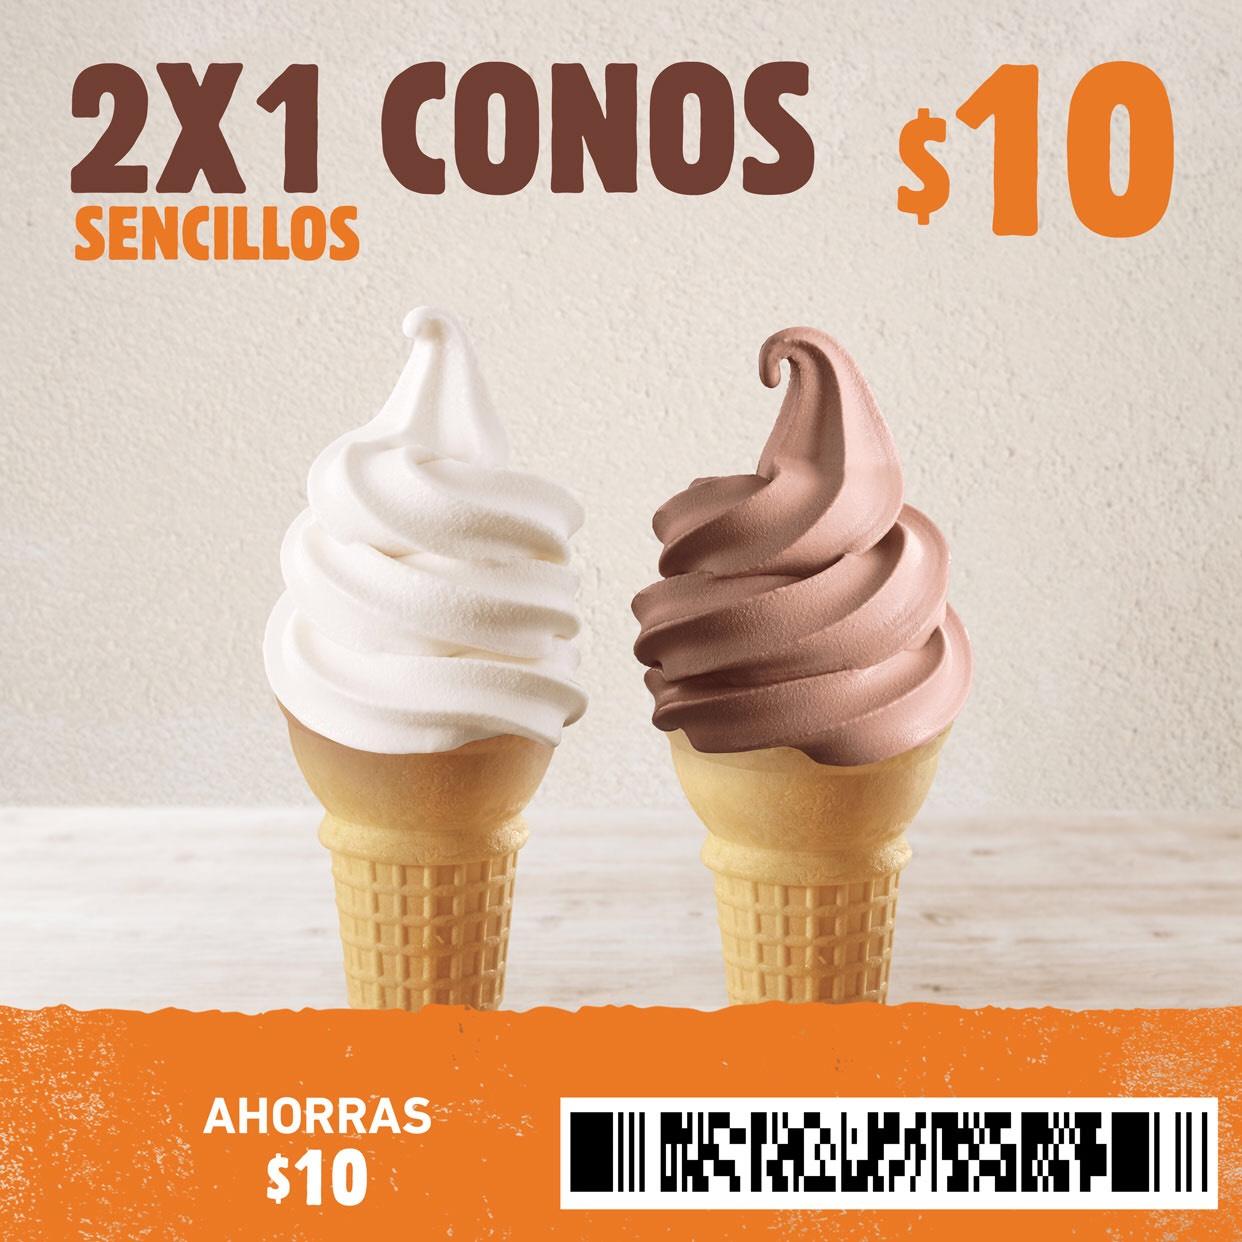 Burger King: 2x1 en Conos Sencillos